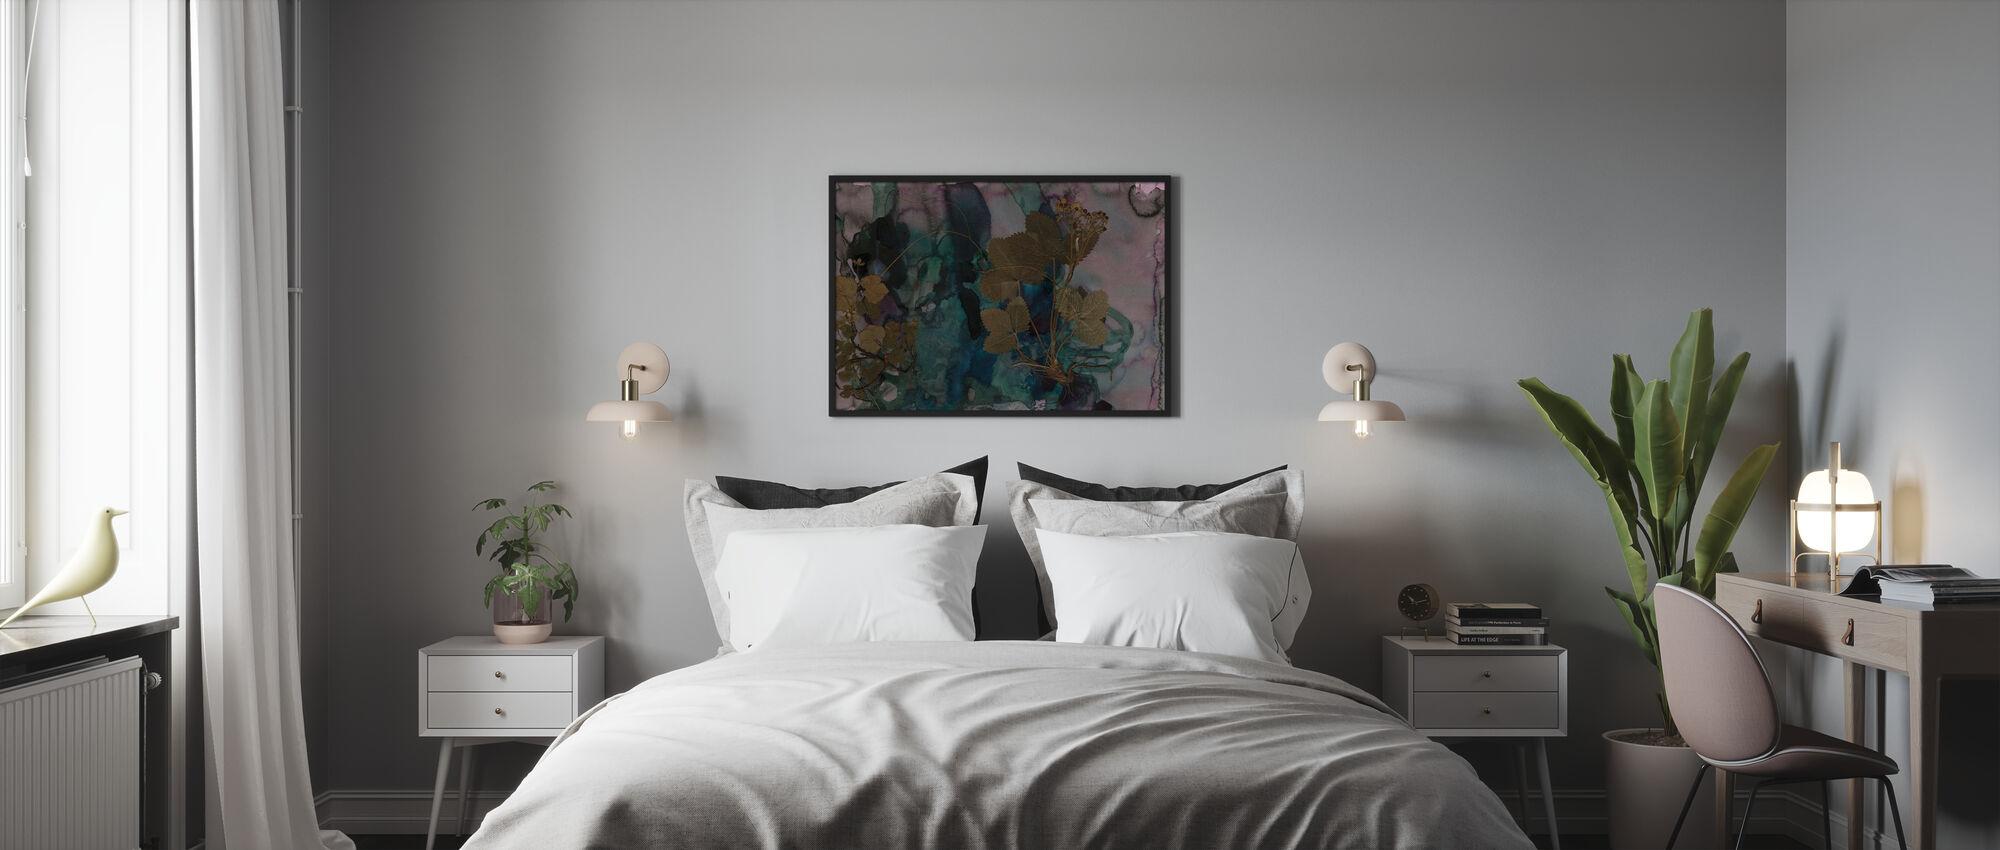 Erdbeeren - Gerahmtes bild - Schlafzimmer